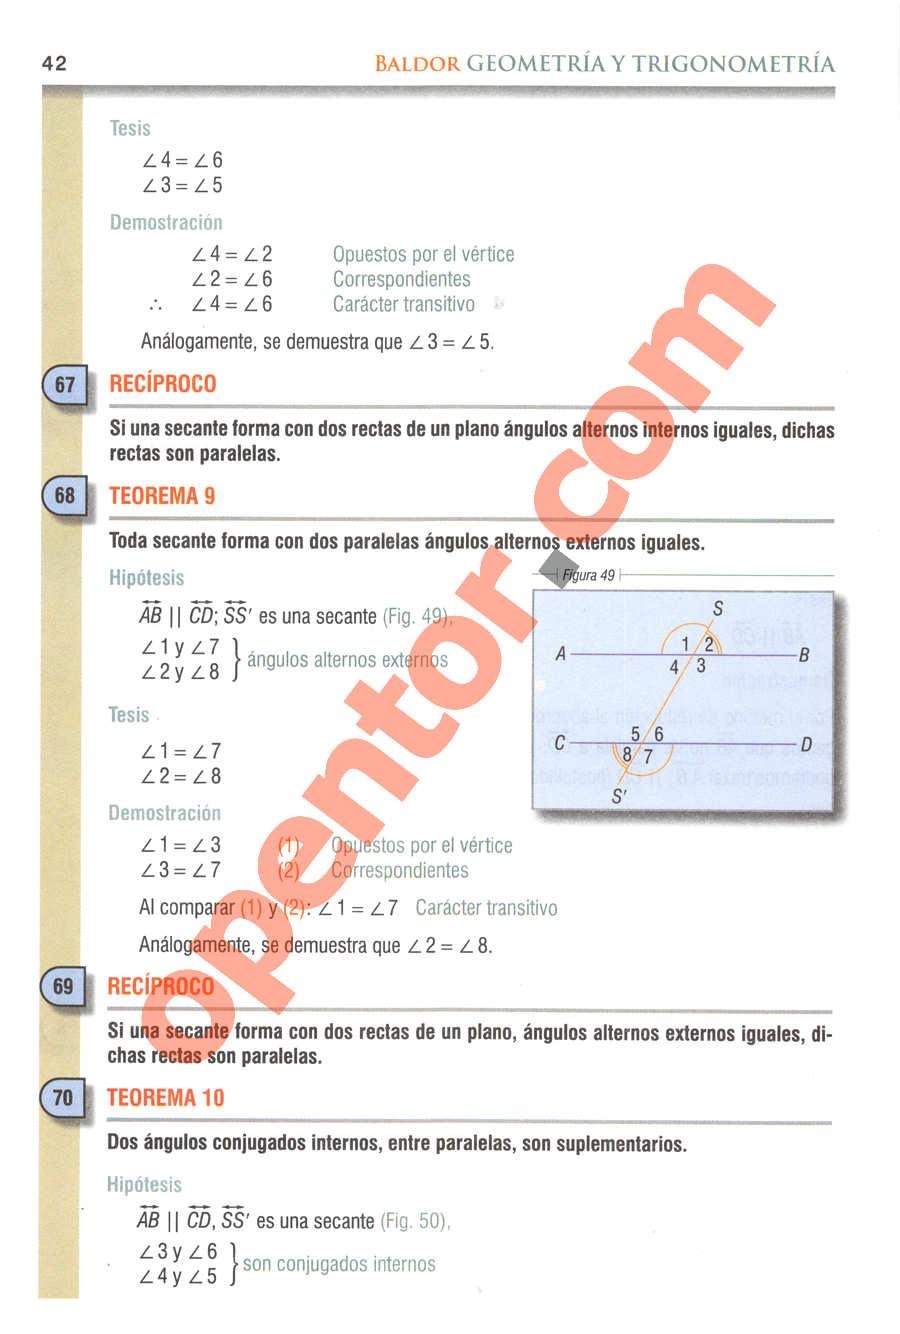 Geometría y Trigonometría de Baldor - Página 42